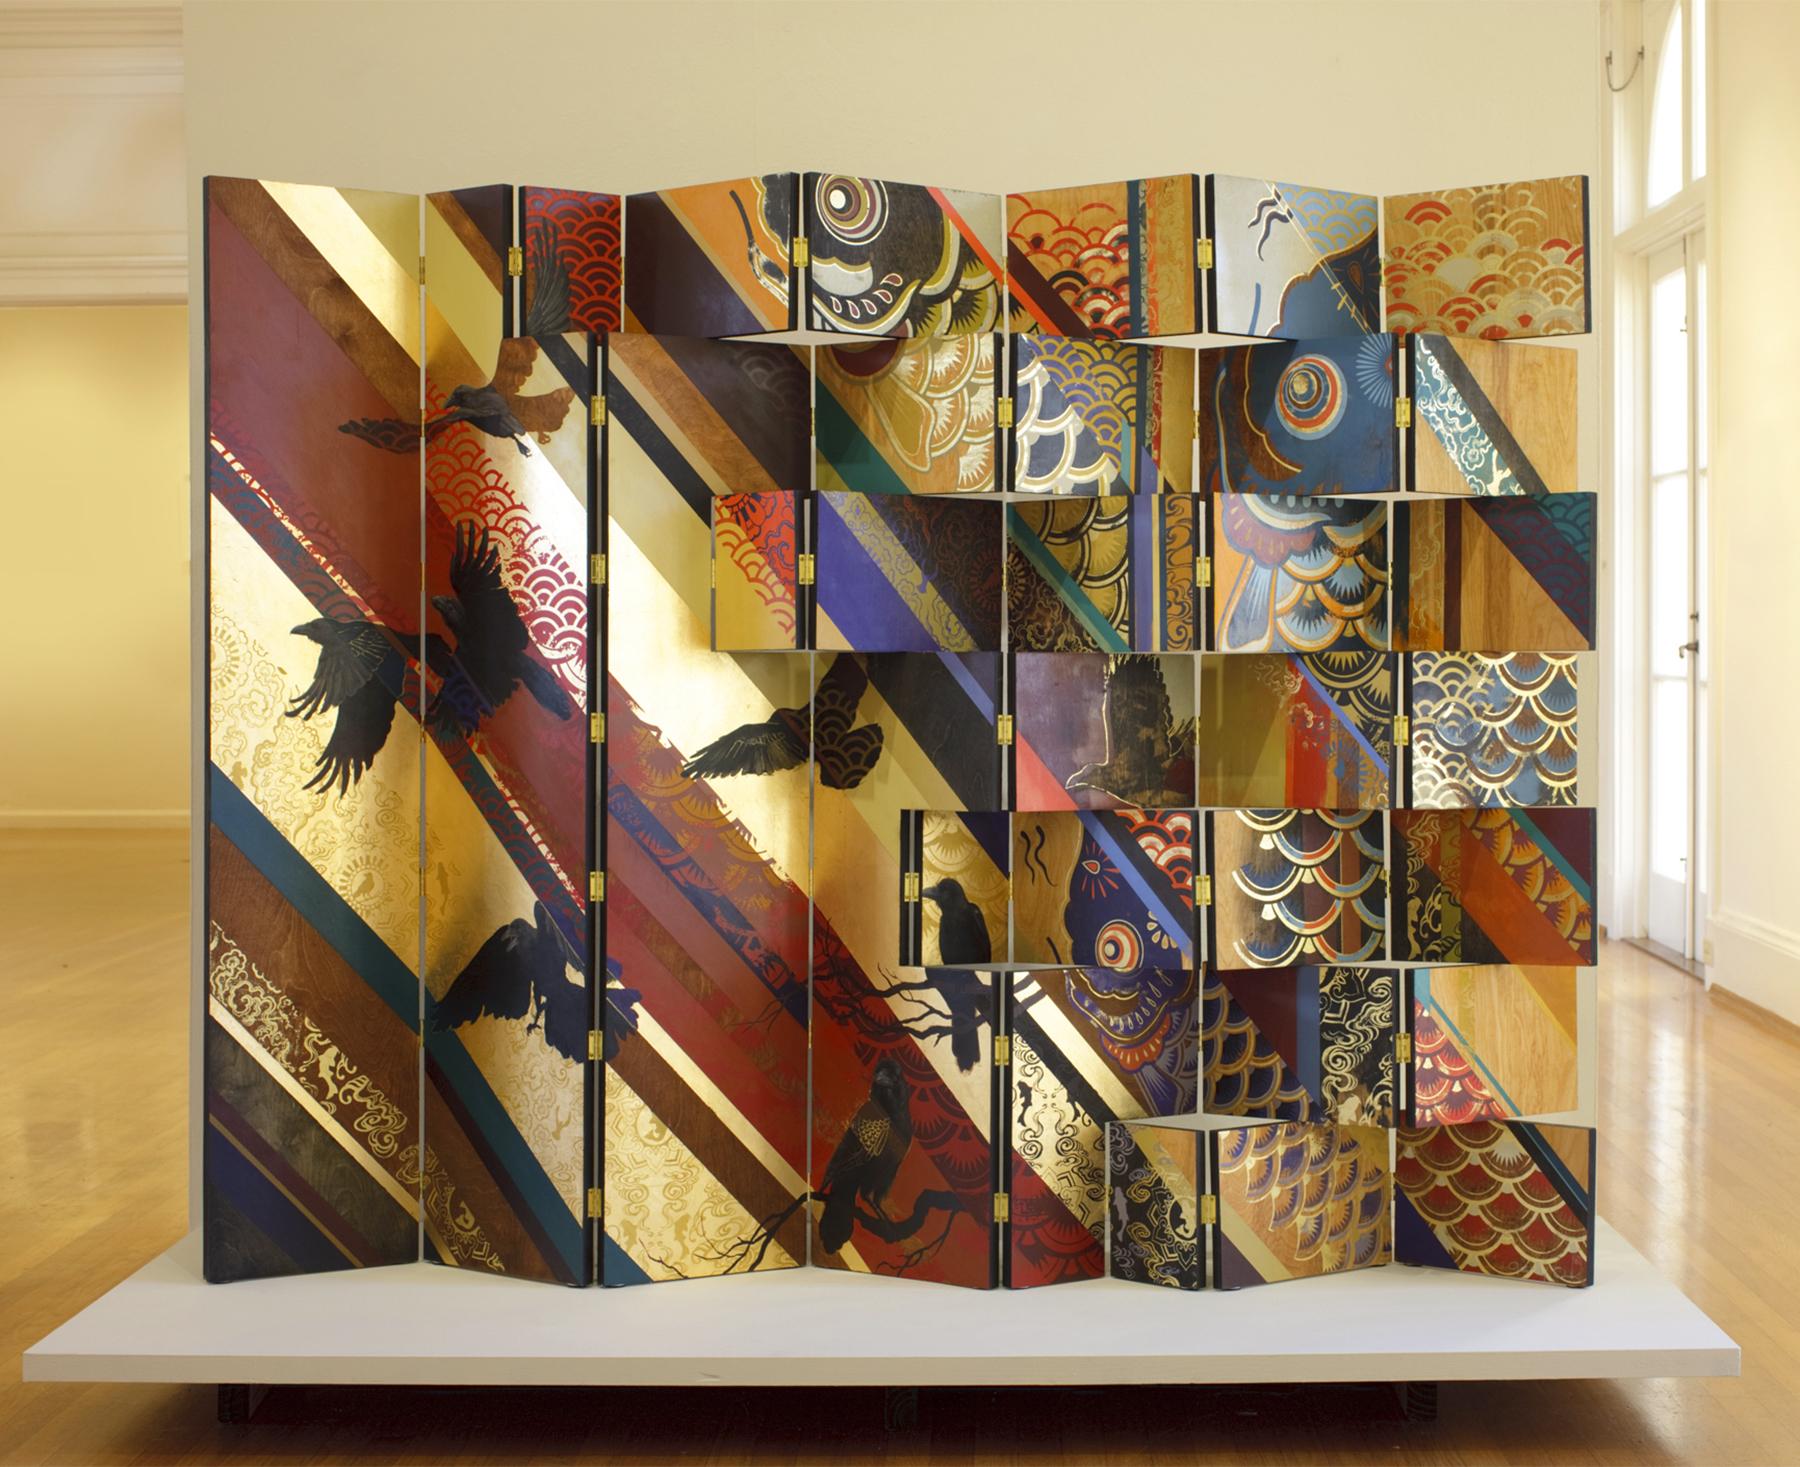 Nobori   oil, acrylic, gold leaf, silkscreen print on panel  2012  56 x 84 in